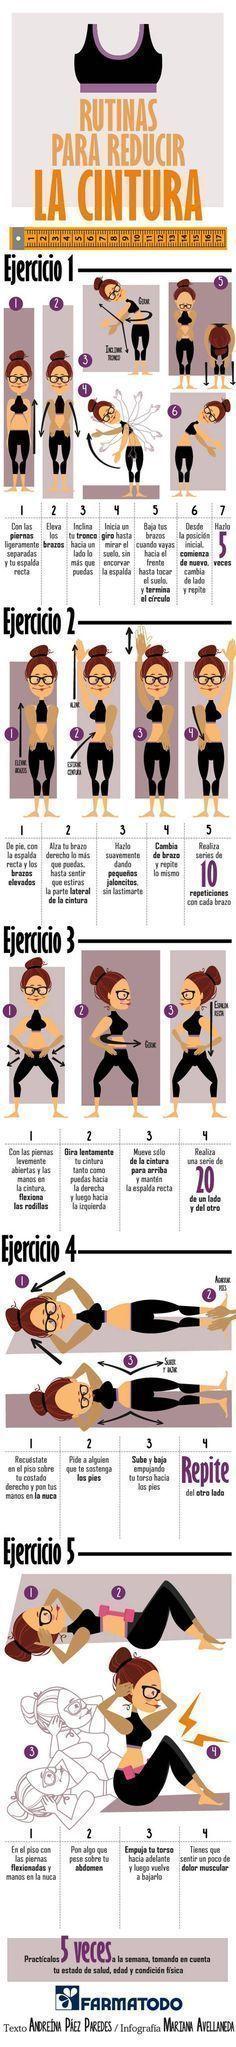 Rutina completa de ejercicios abdominales para reducir la cintura. #infografias #deporte #abdominales #pilatesparabrazos #ejerciciosabdominales